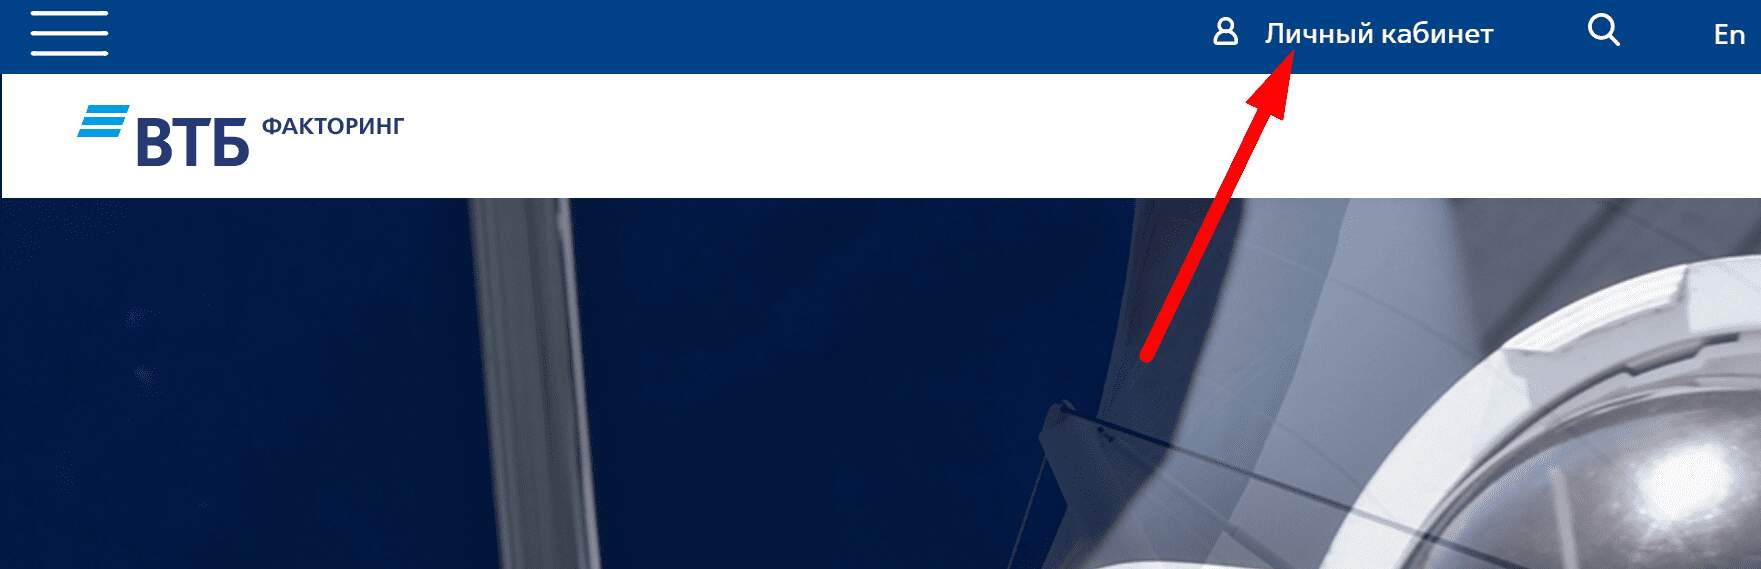 Ссылка на официальный фирмы «ВТБ Факторинг»